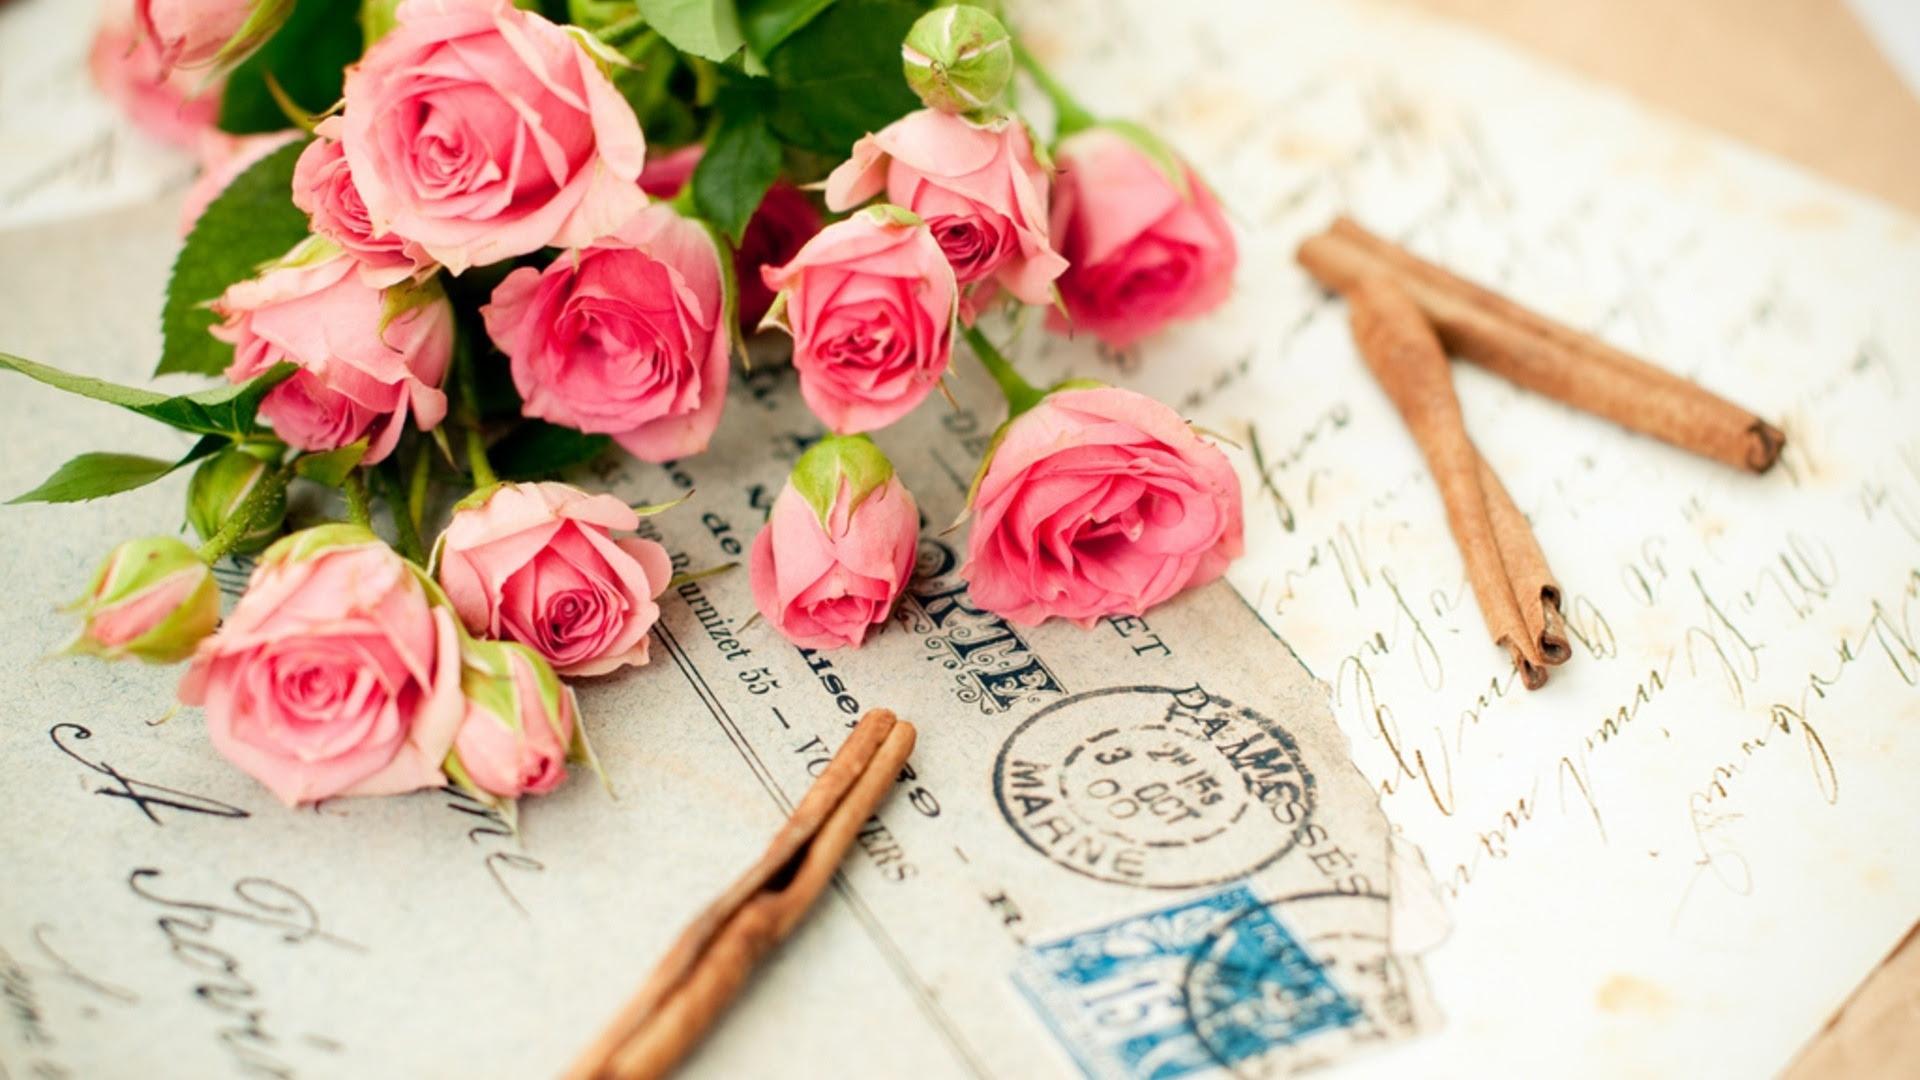 鮮やかな色 美しい花 Pc壁紙 オトナ女子向け オシャレな